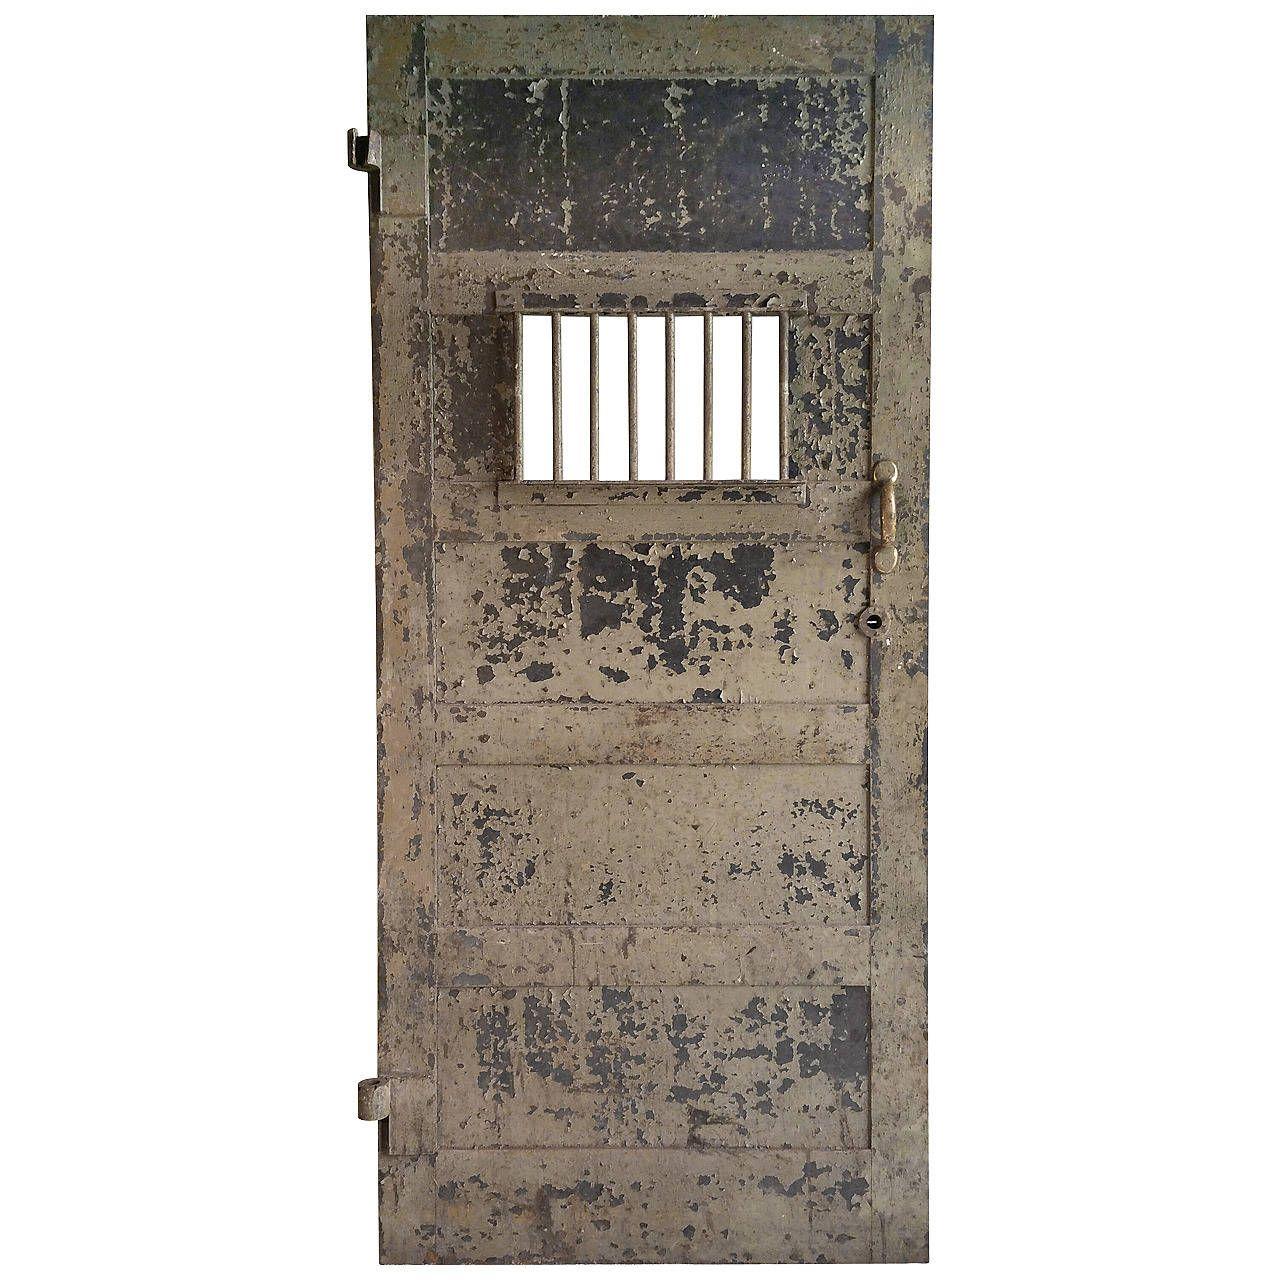 1920s Heavy Steel Prison Door